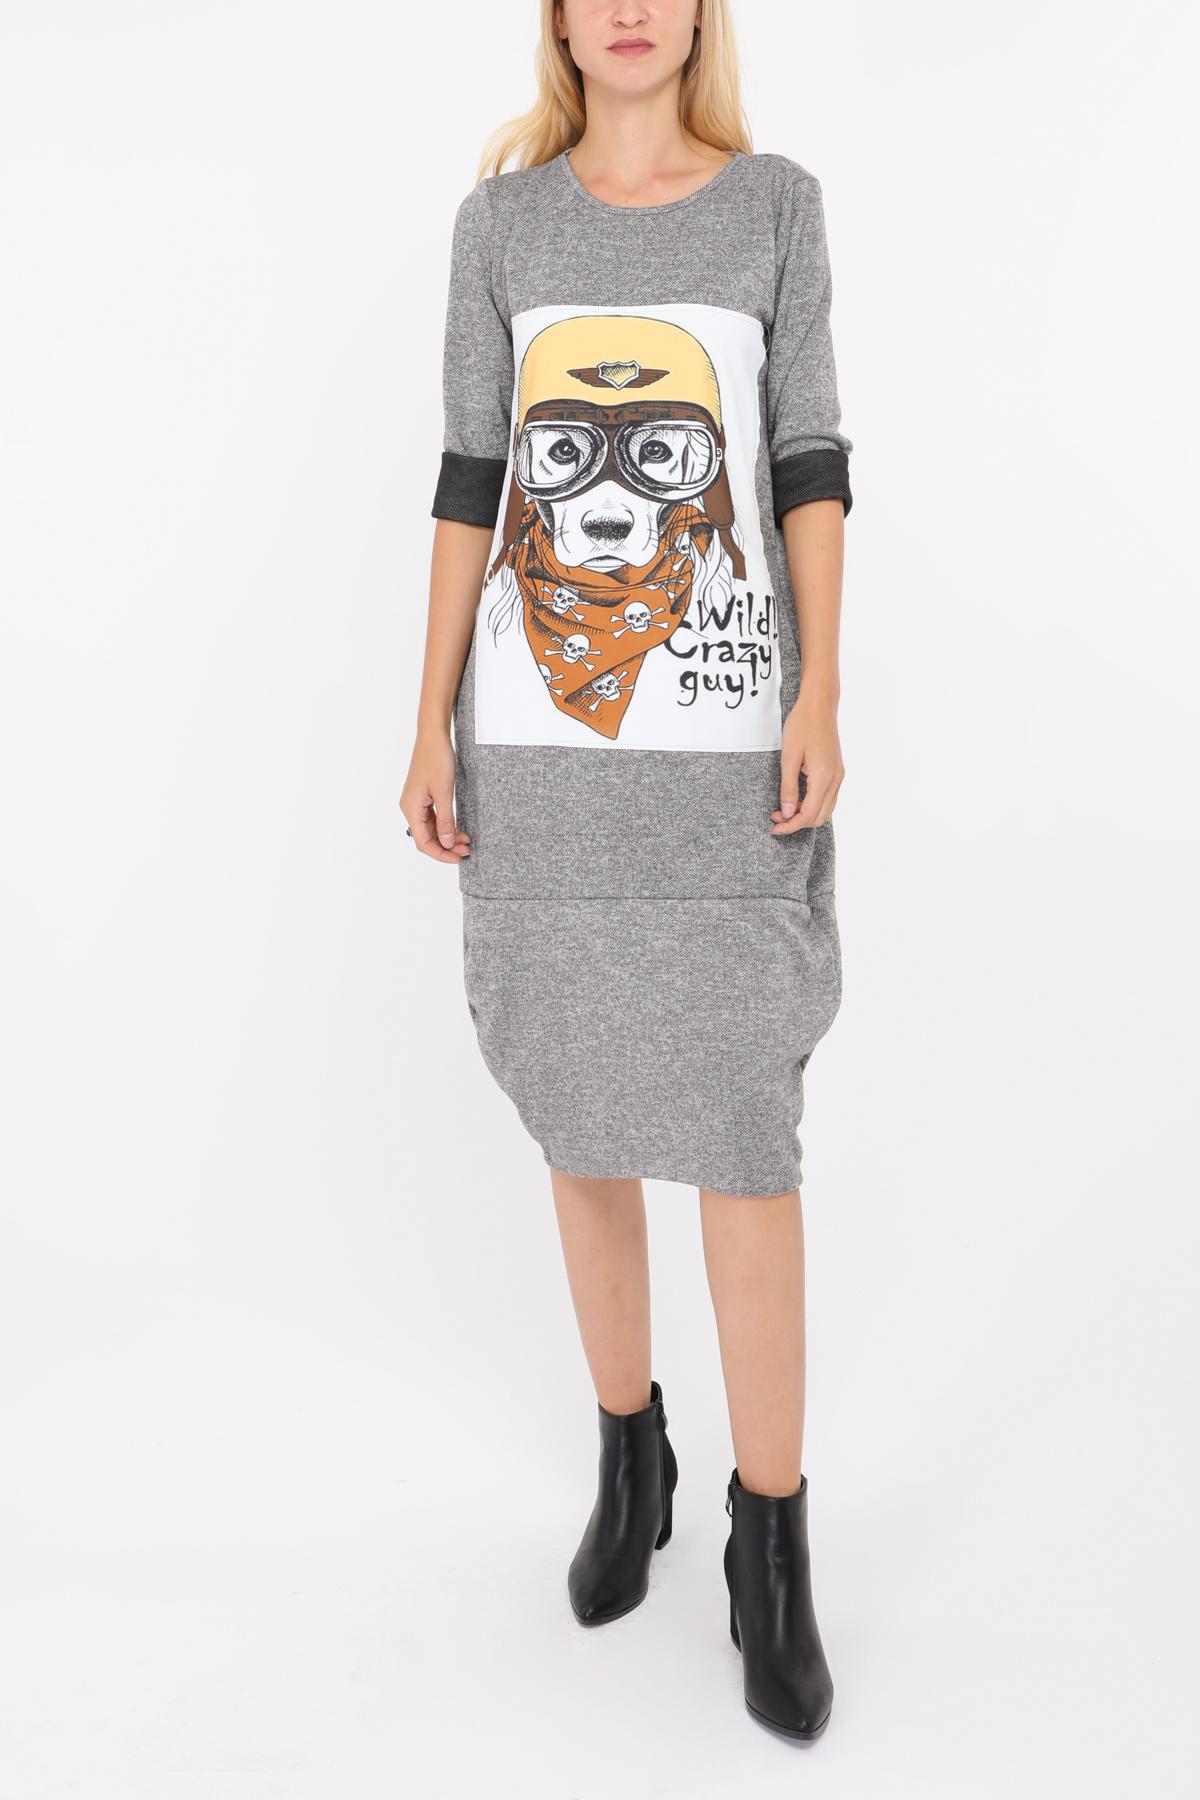 Robes mi-longues Femme Gris LUCKY NANA 81057-1 #c eFashion Paris